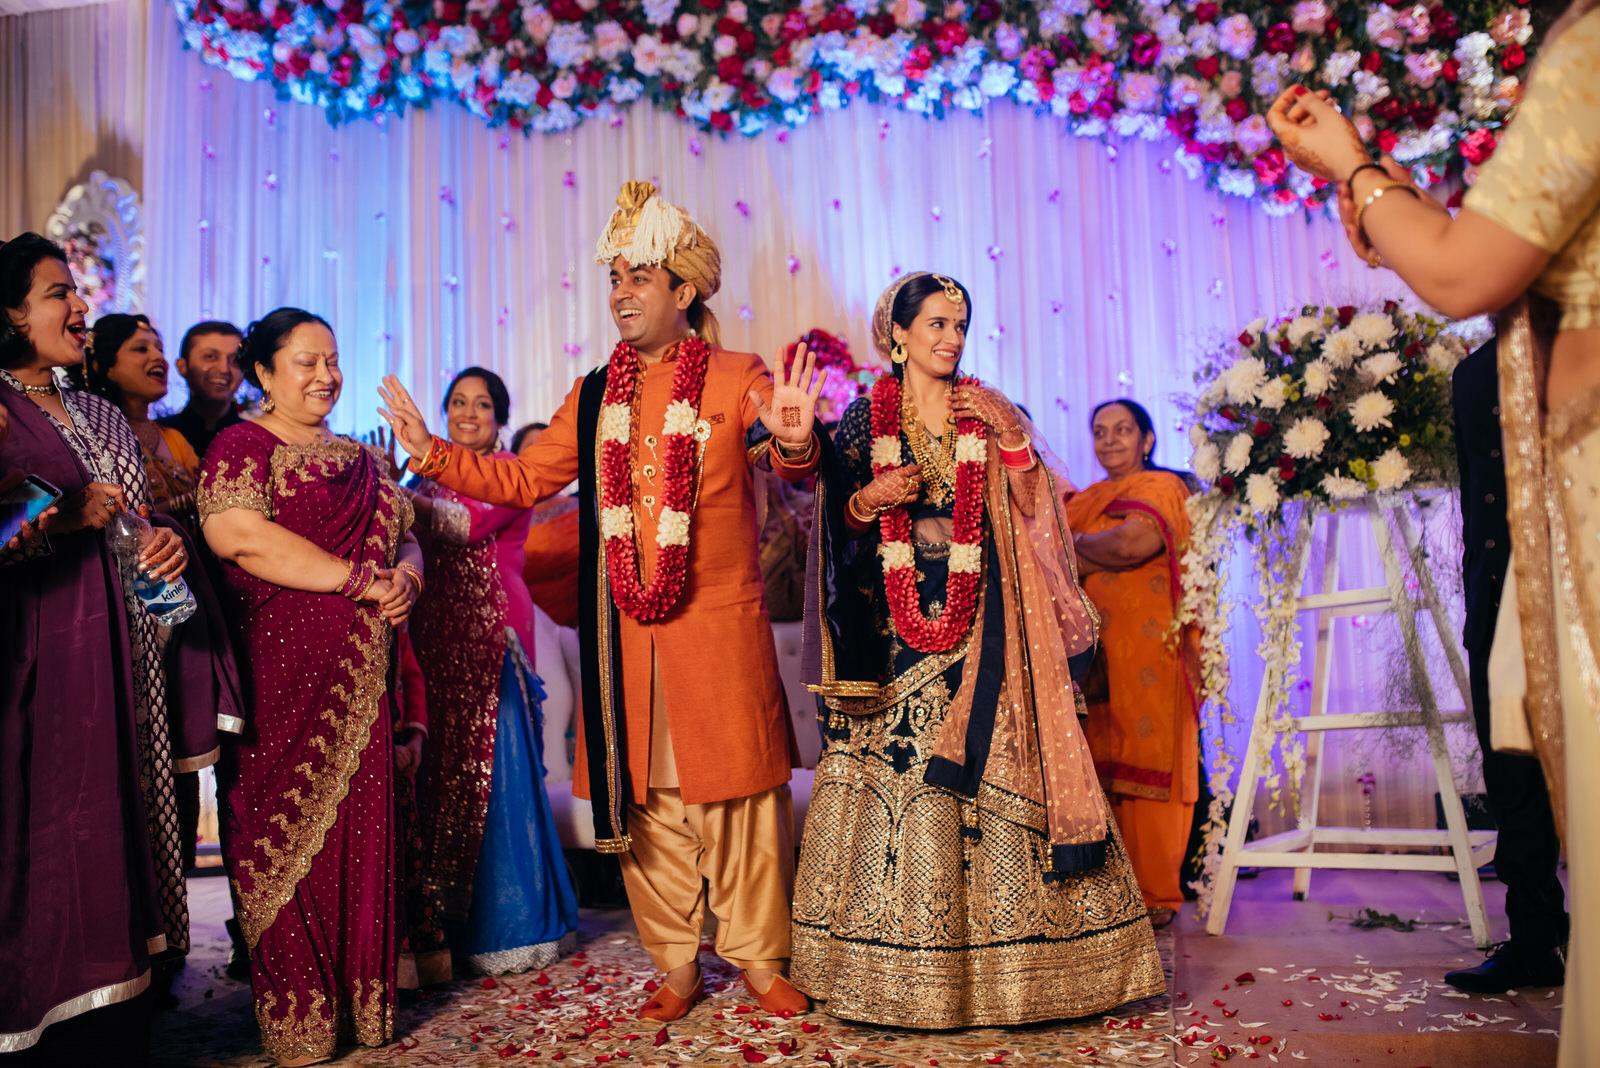 Hindu Night Wedding Day 2 - Camera 1-228.jpg